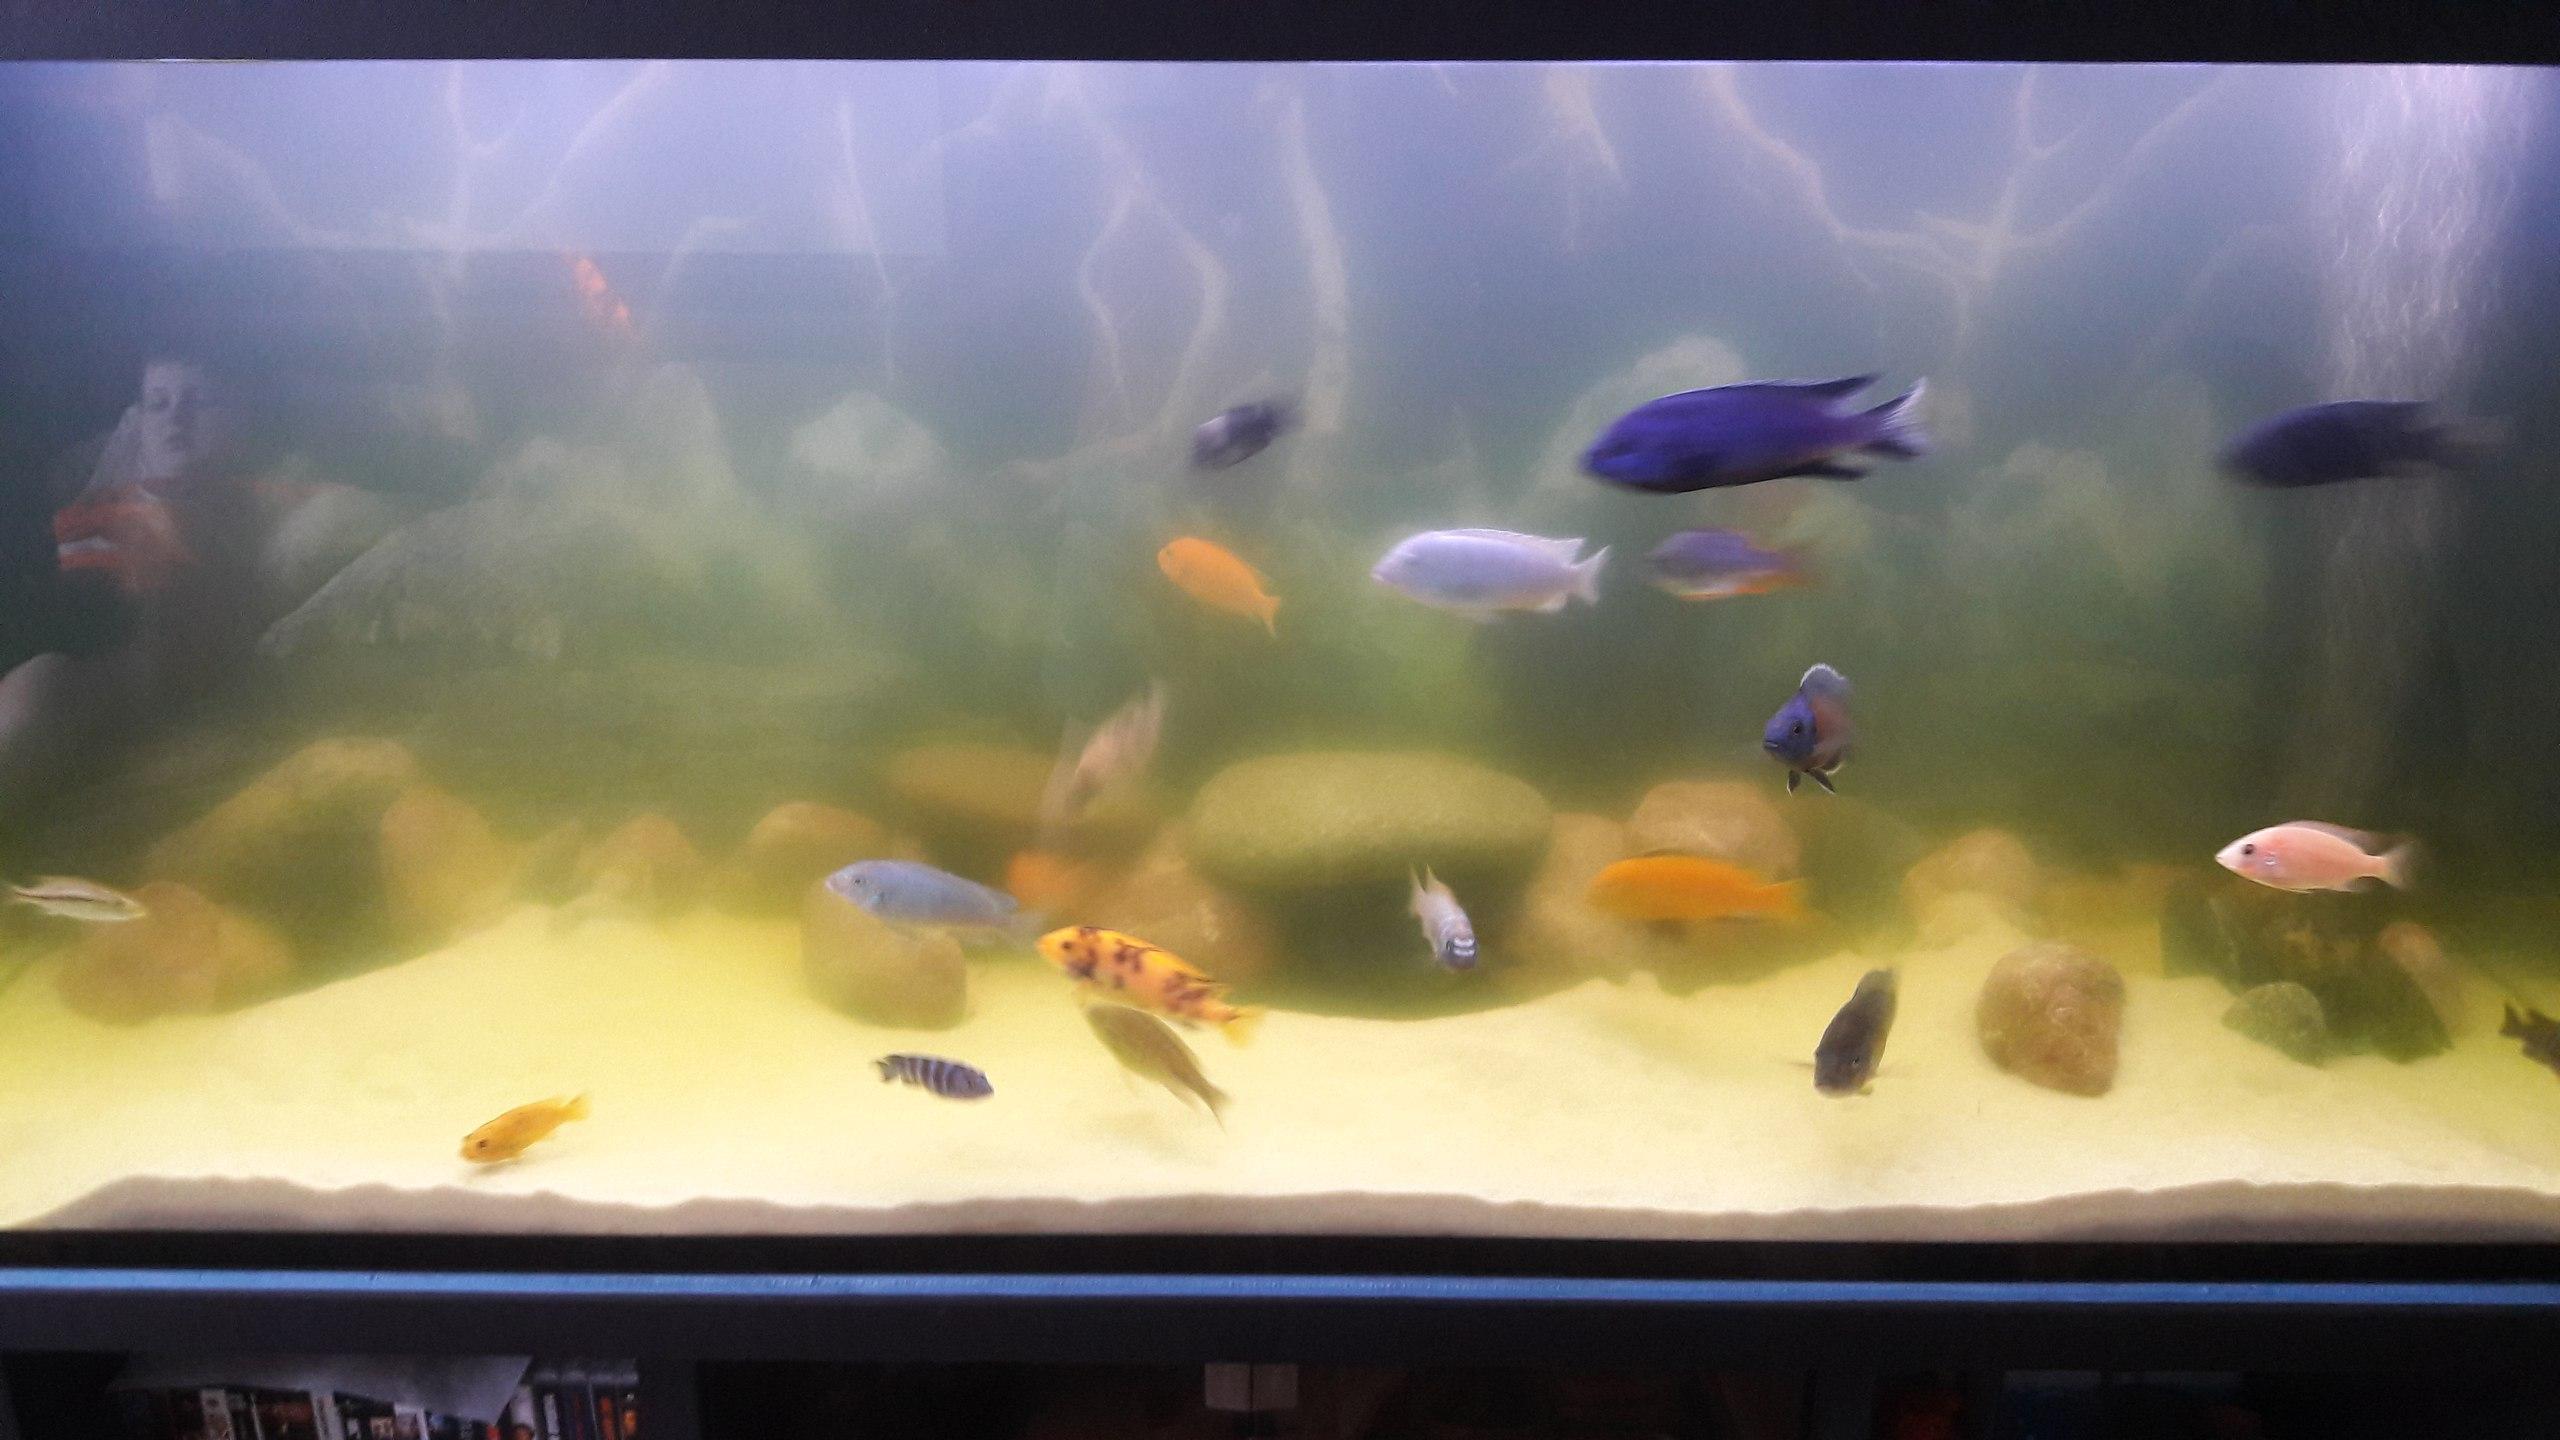 расположение, бактериальная вспышка в аквариуме фото вам жизненном